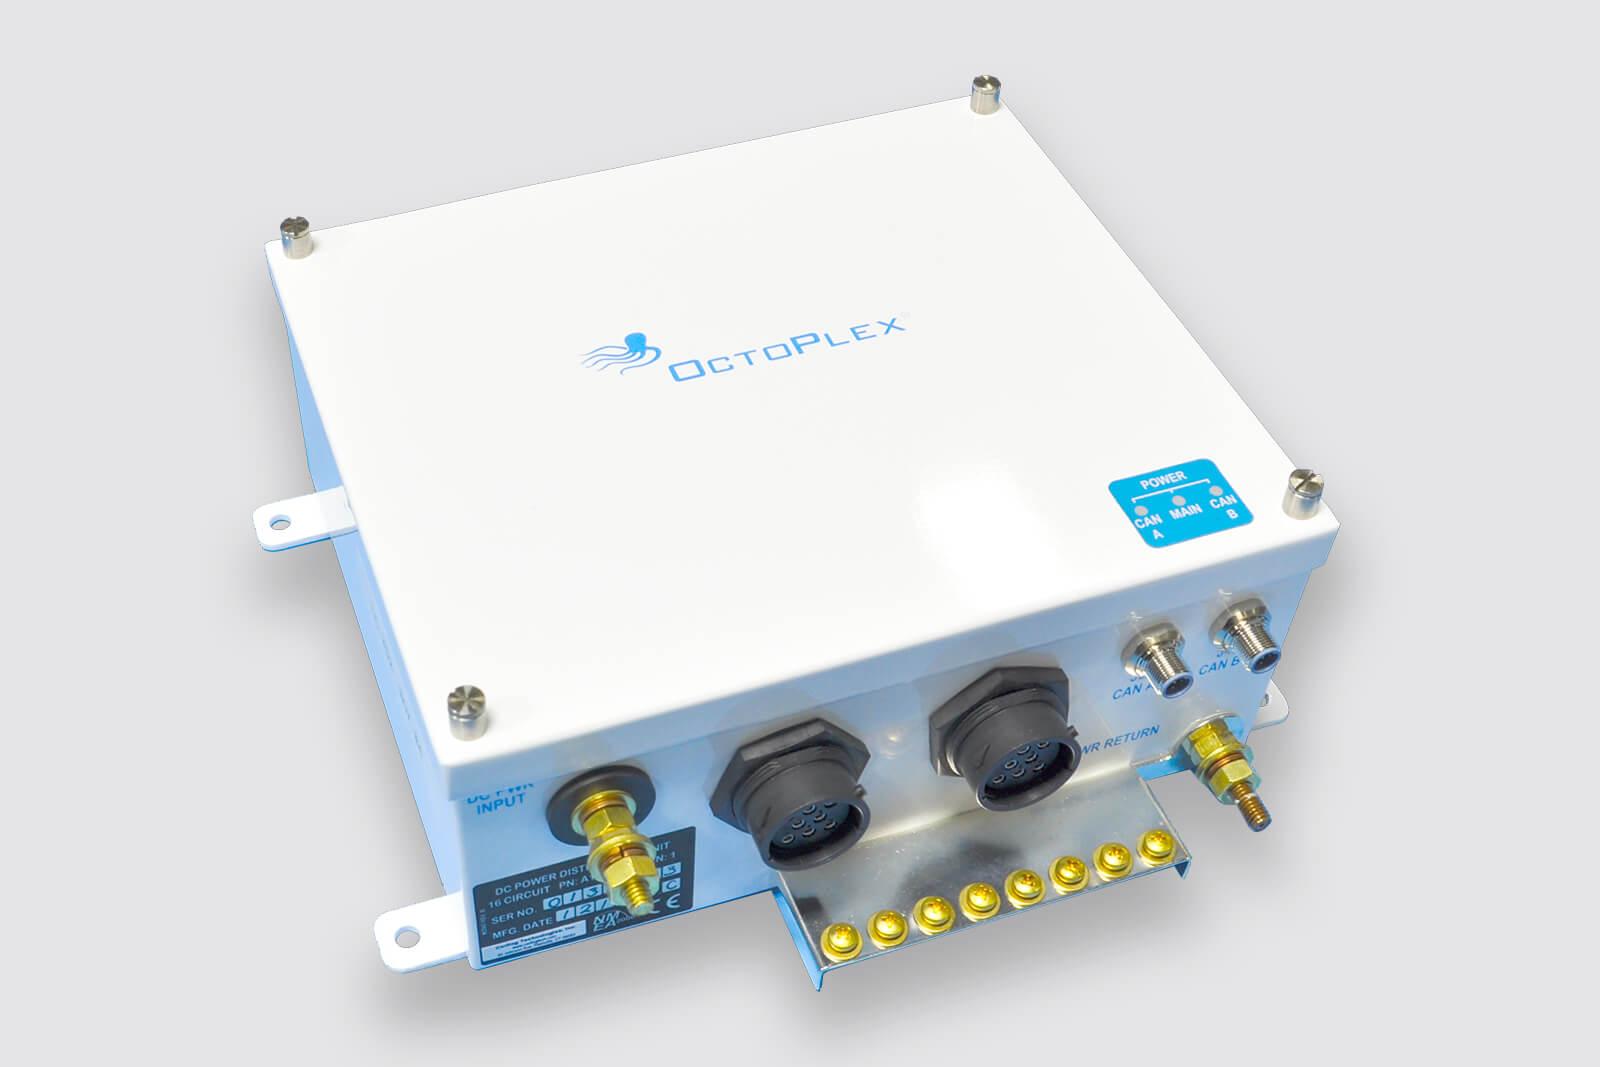 OctoPlex DC Power Distribution Unit